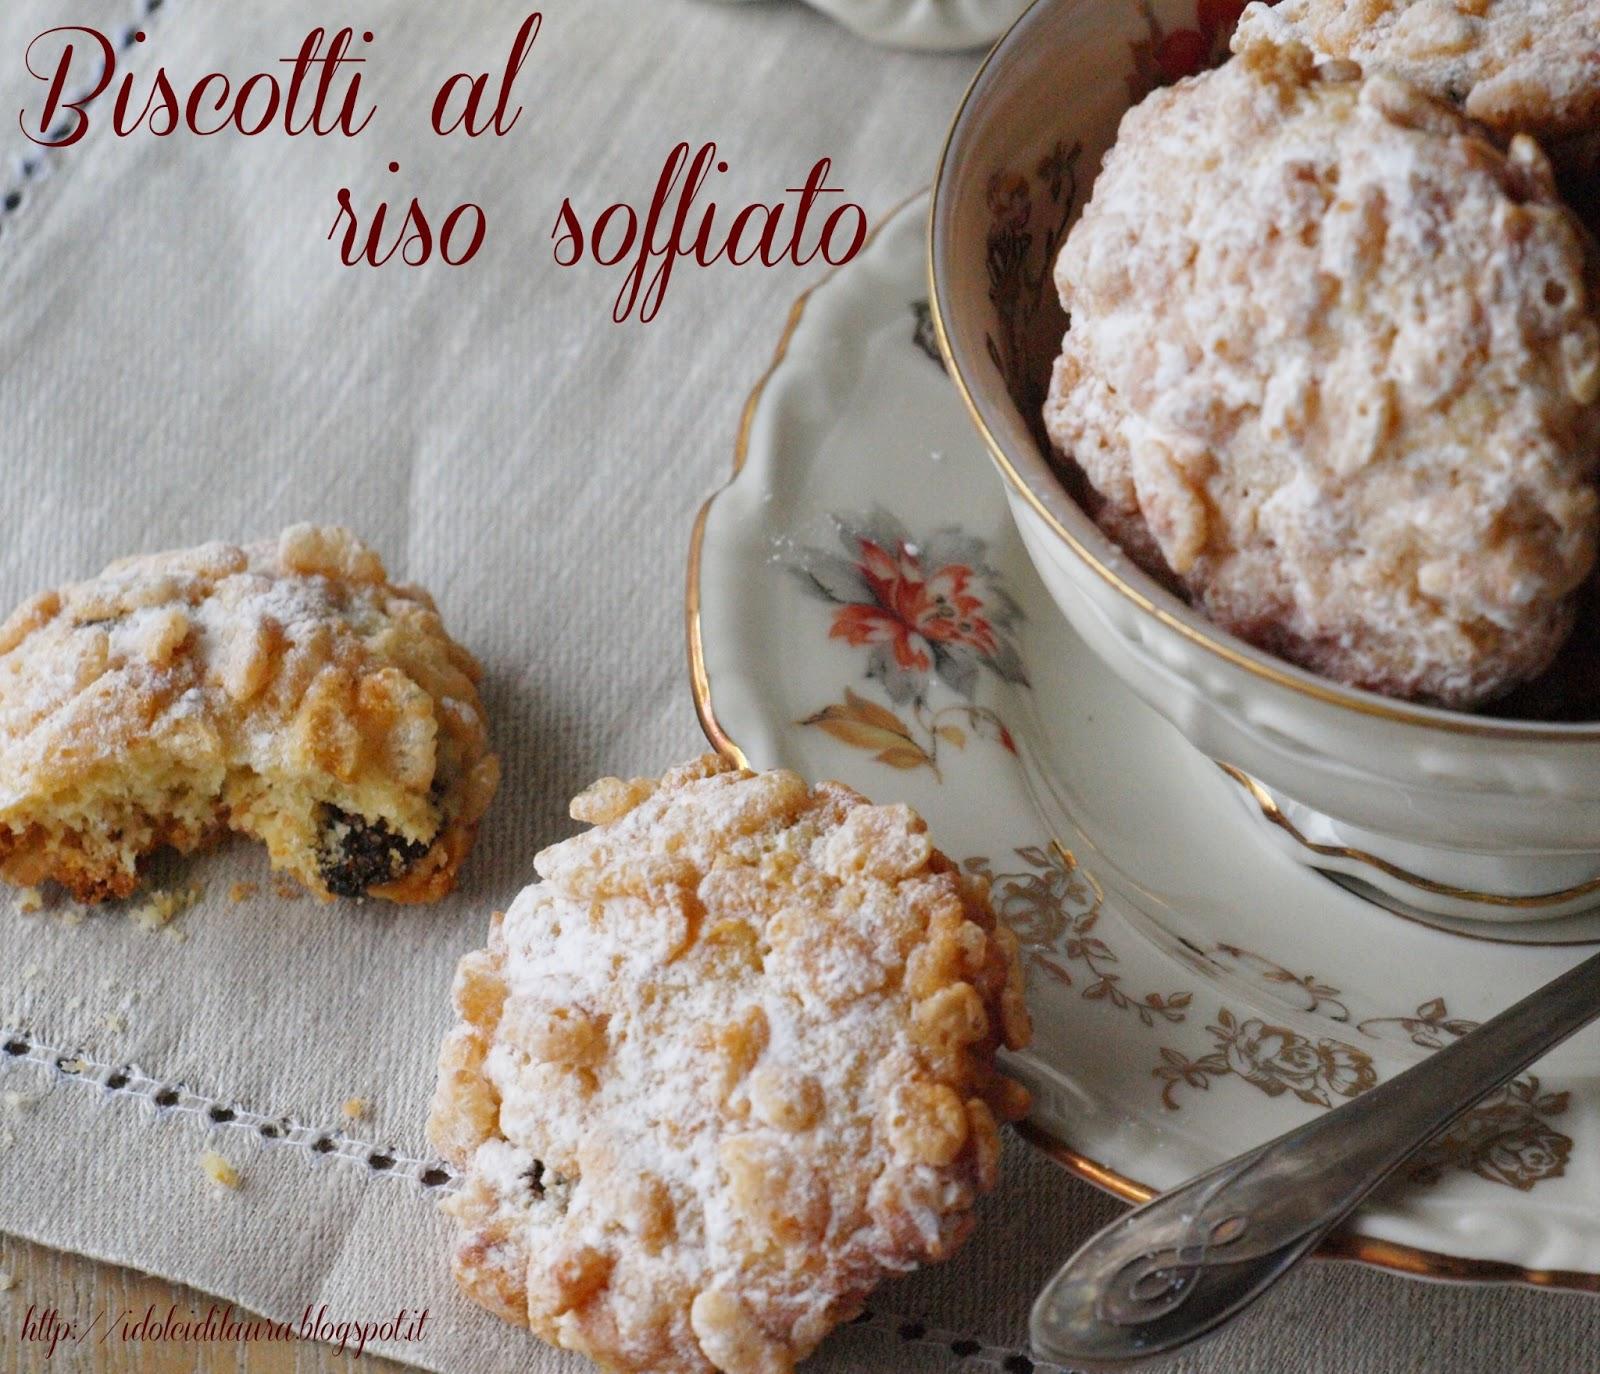 Estremamente i dolci di laura: Biscotti al riso soffiato XM04